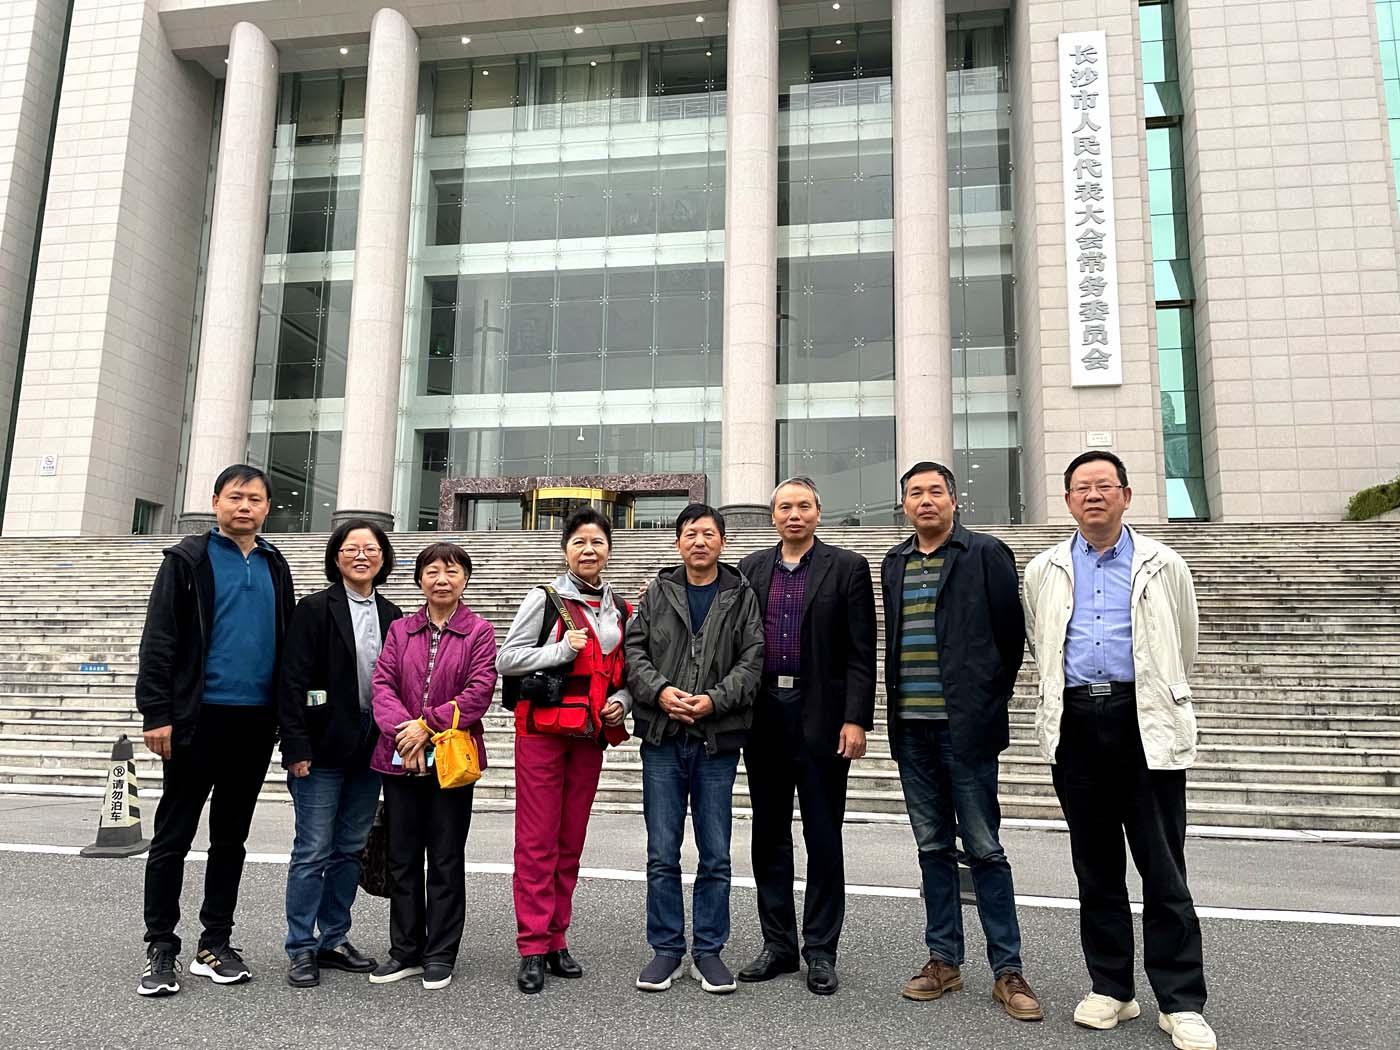 邓尚喜主席应邀走进长沙市人大常委会机关,为这里的影友传授摄影知识